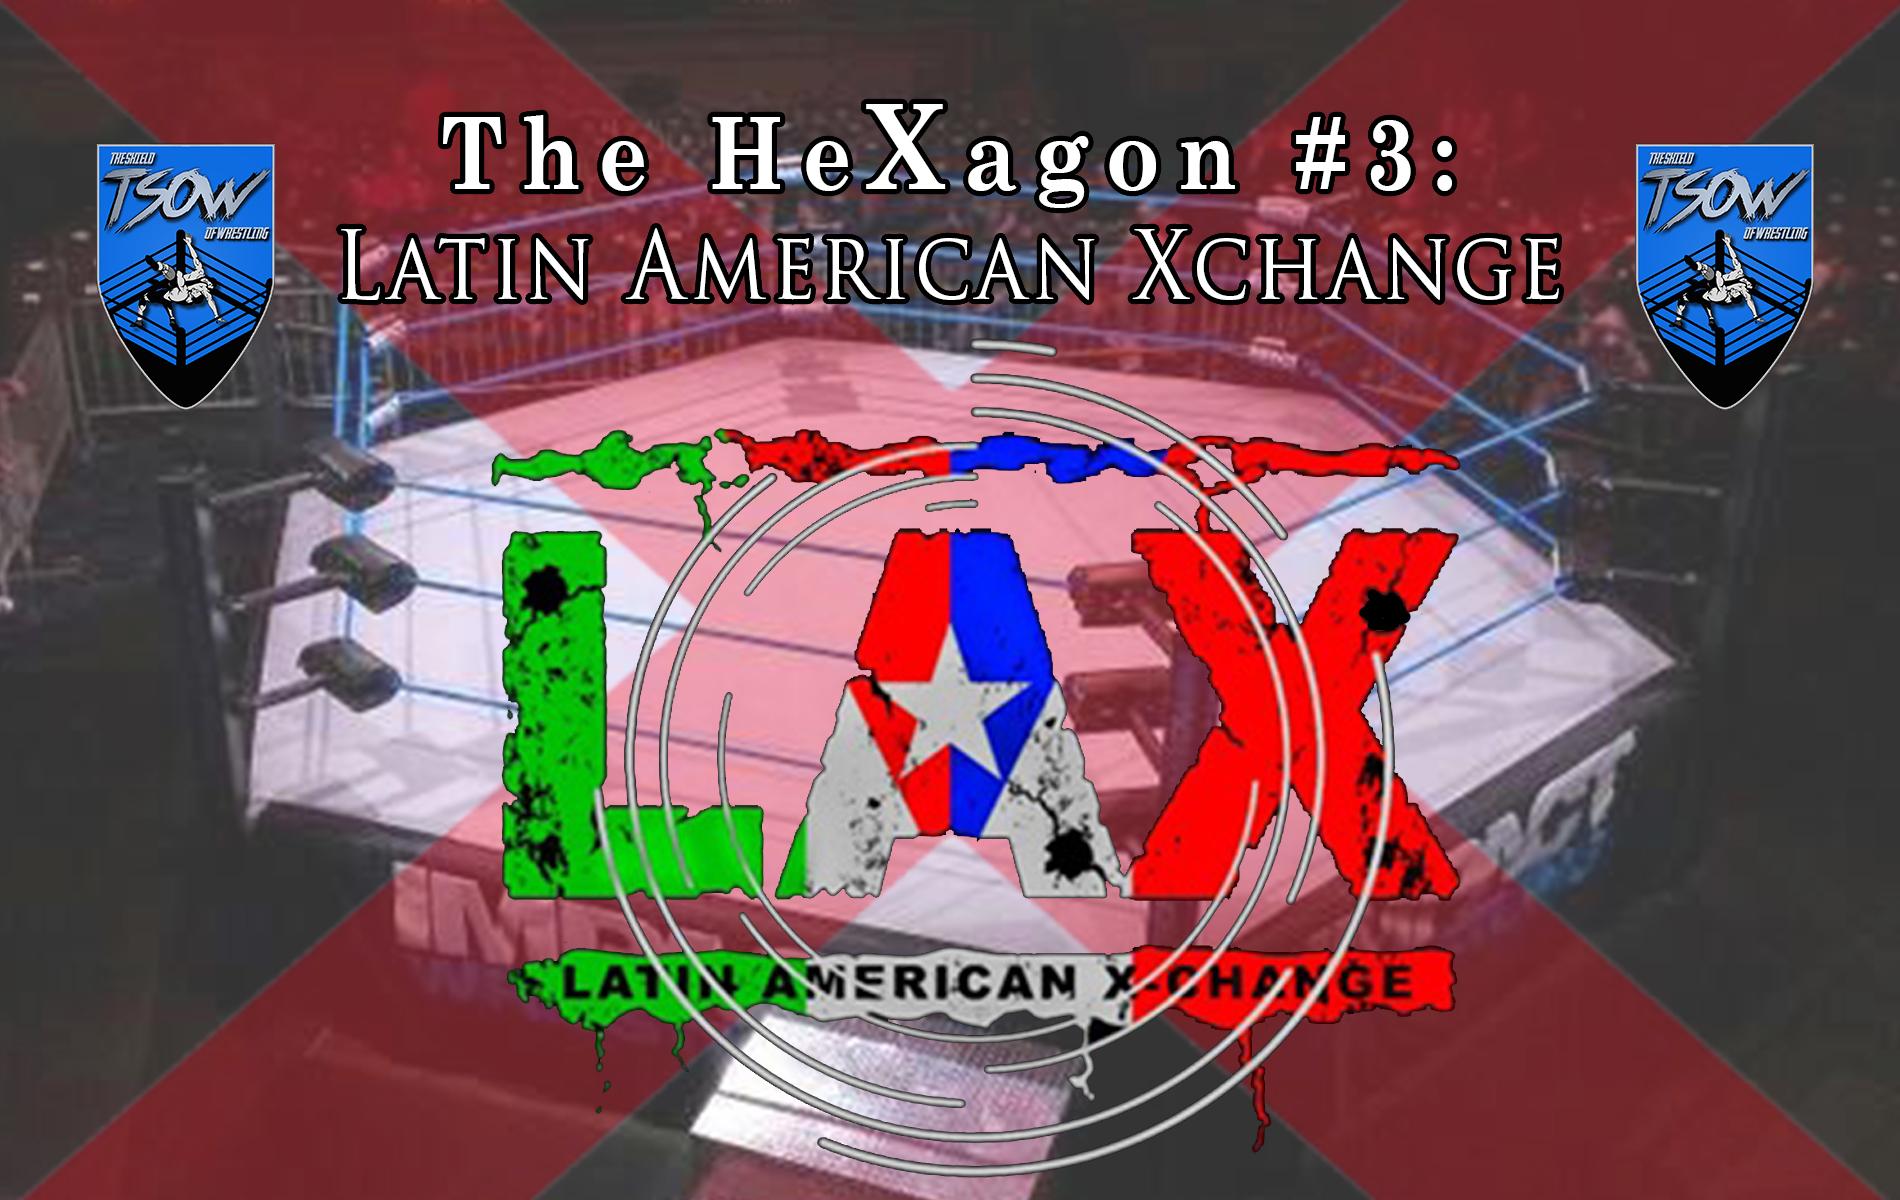 The HeXagon - Latin American Xchange